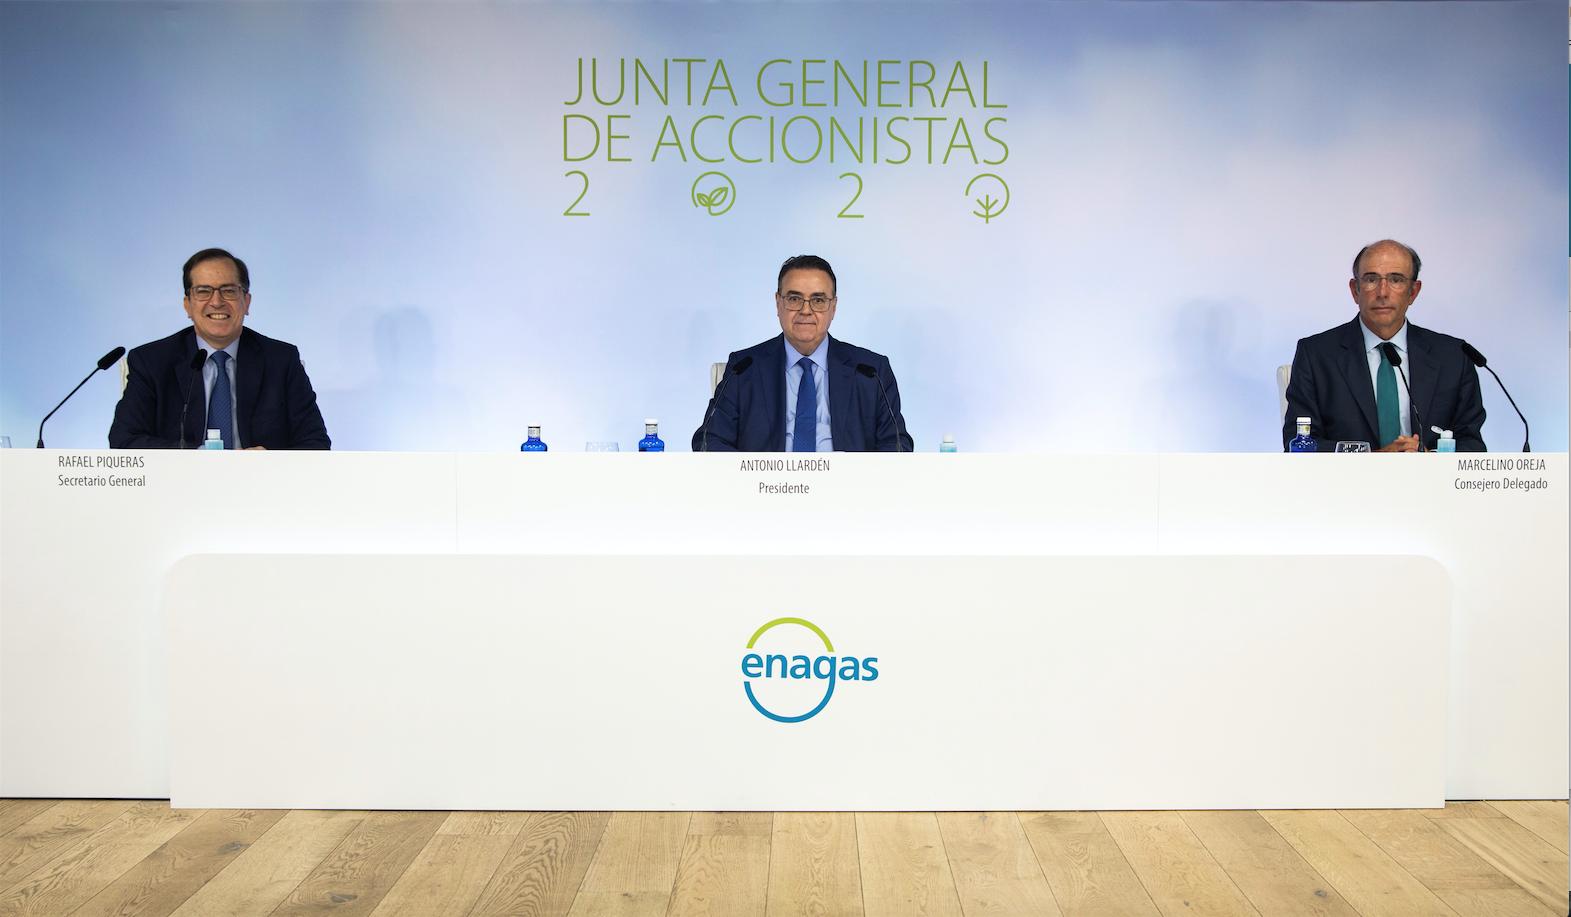 Rafael Piqueras, secretario general de Enagás, Antonio Llardén, presidente de Enagás, y Marcelino Oreja, CEO de Enagás, en la Junta General de Accionistas celebrada el 30 de junio de 2020 de forma exclusivamente telemática